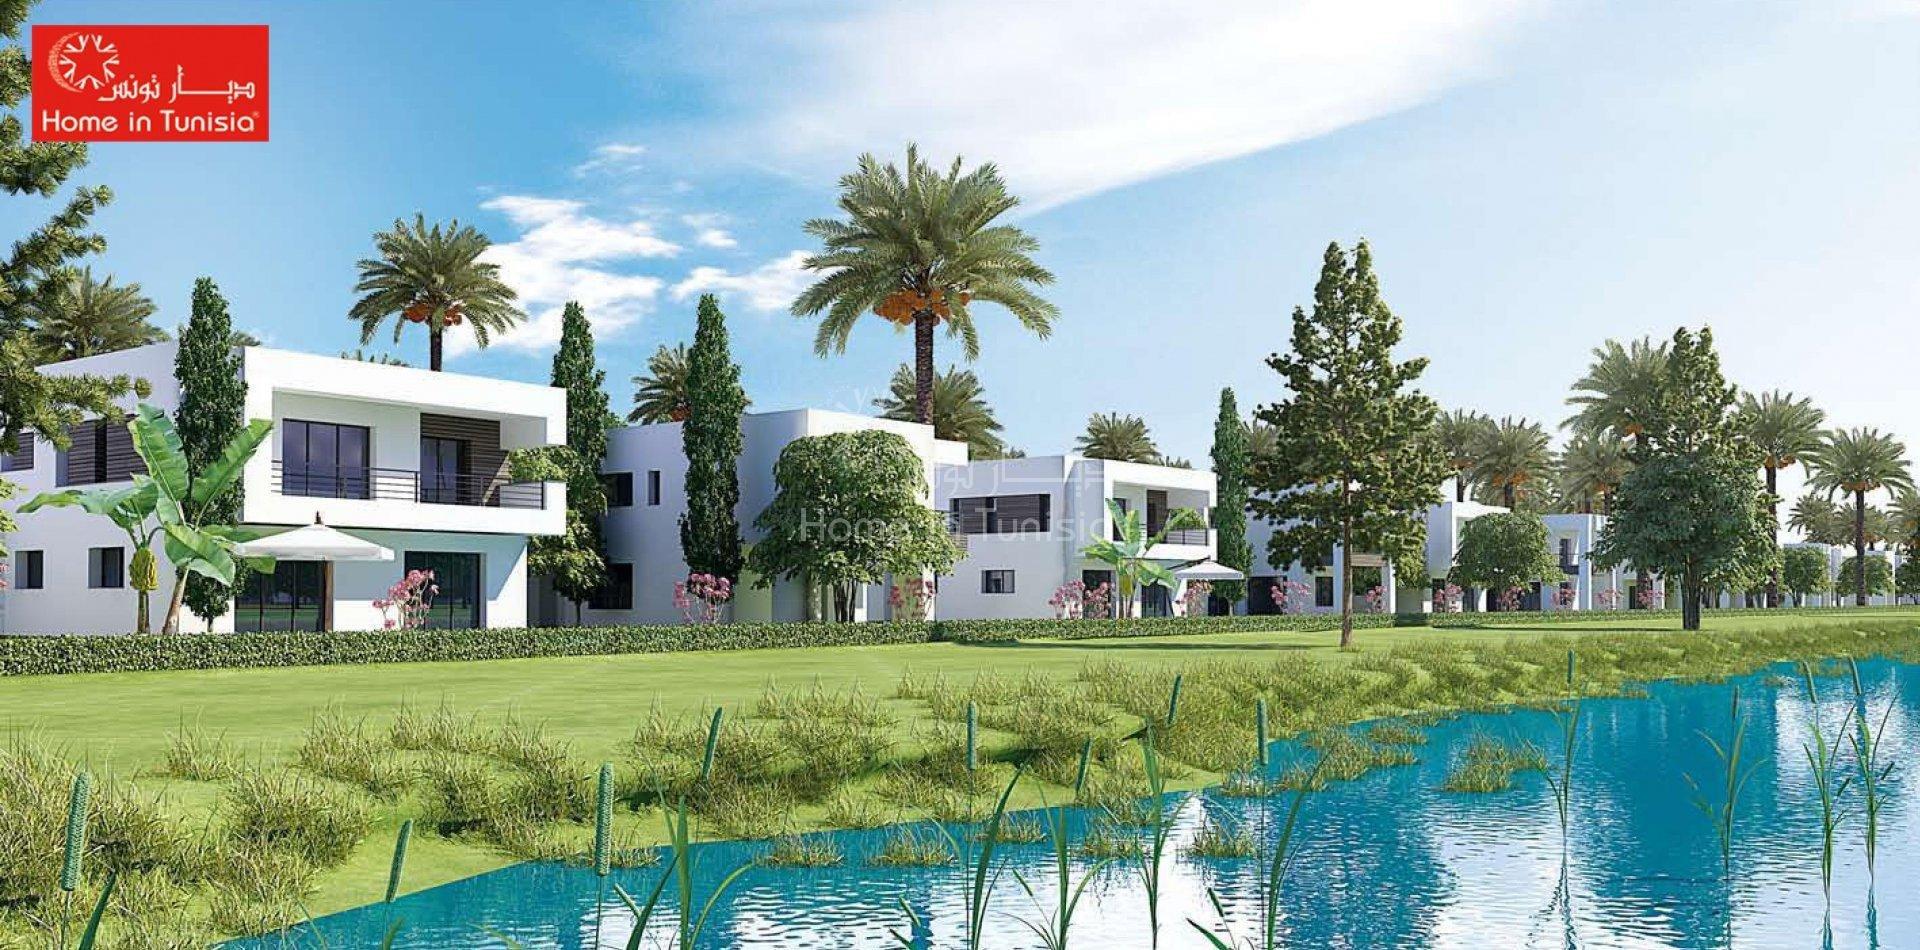 Die Investition in isoliert Aphrodite Golf-Villa in Tunis Bay Überblick Geschäfts- und Wohndienstleistungen